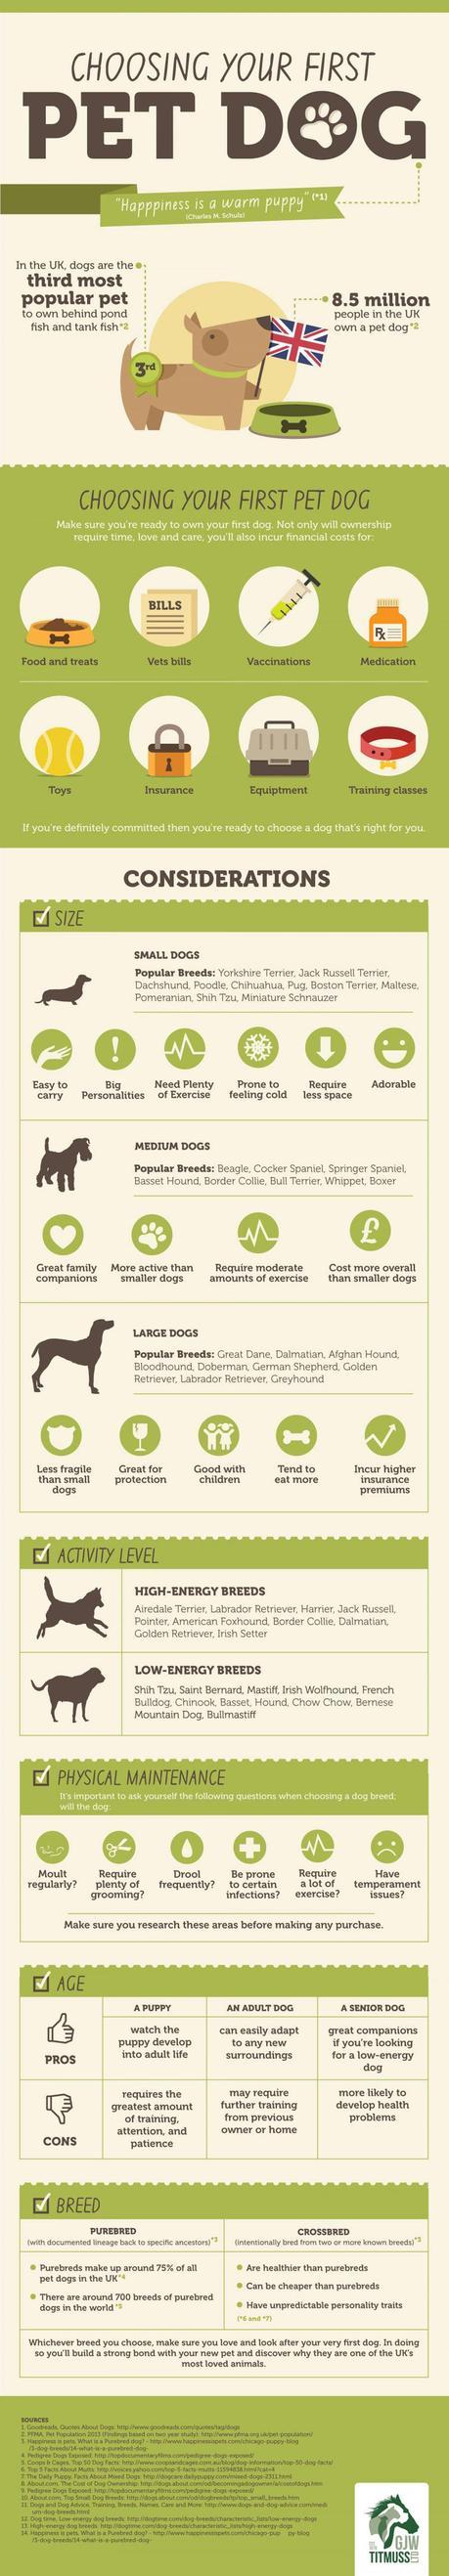 La elección de la comida para perros derecho